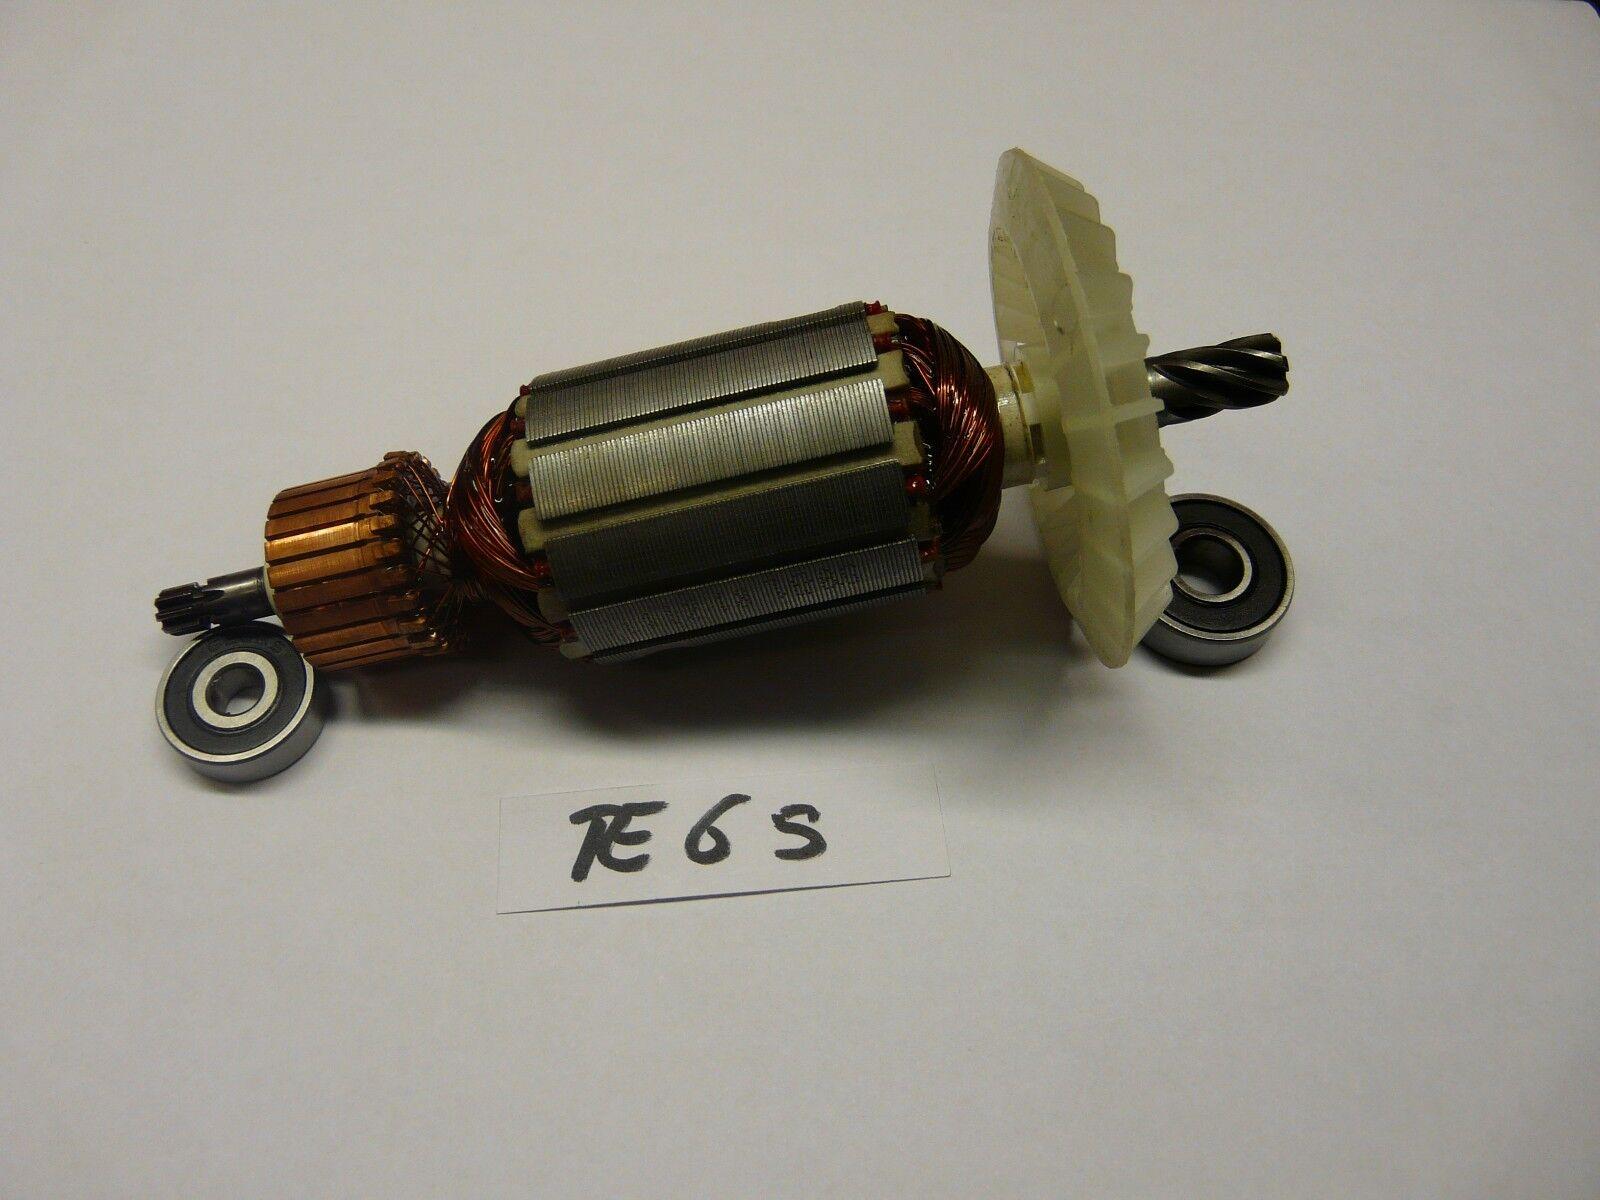 37 - Hilti TE 6S, Anker, Rotor mit beiden Lagern